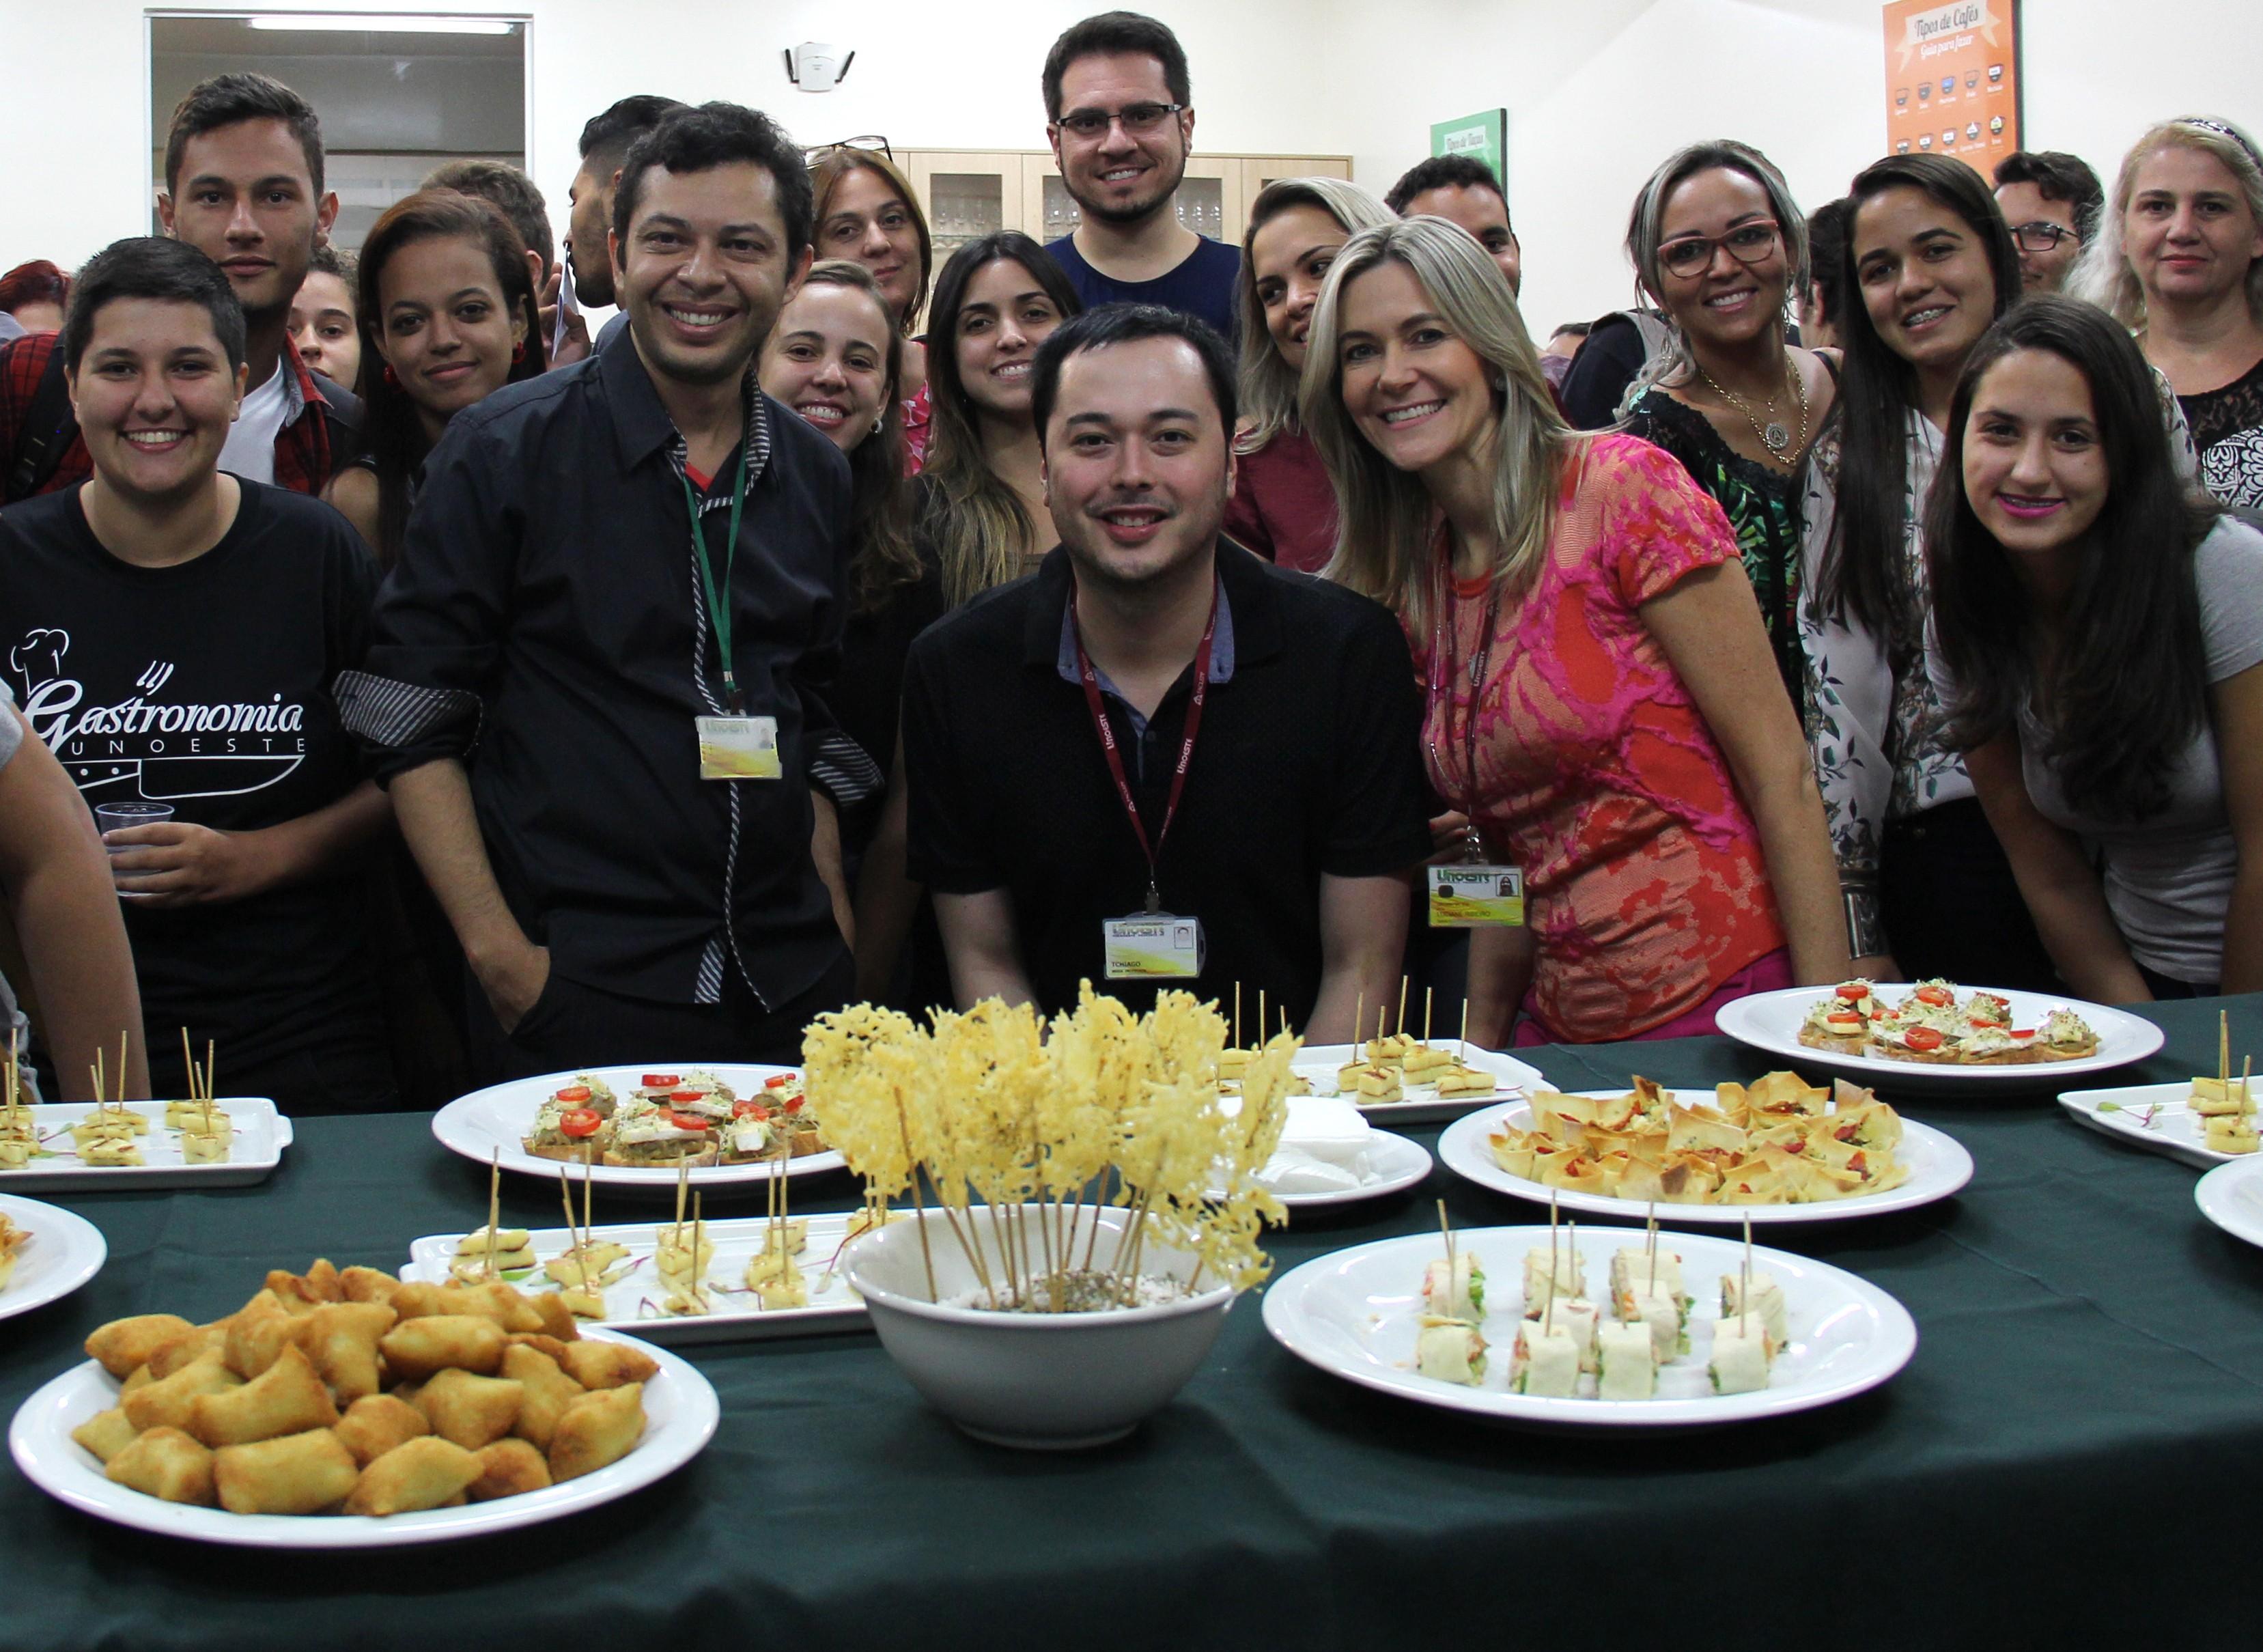 Estagiária de fotografia e professor da Facopp participam de evento na Gastronomia